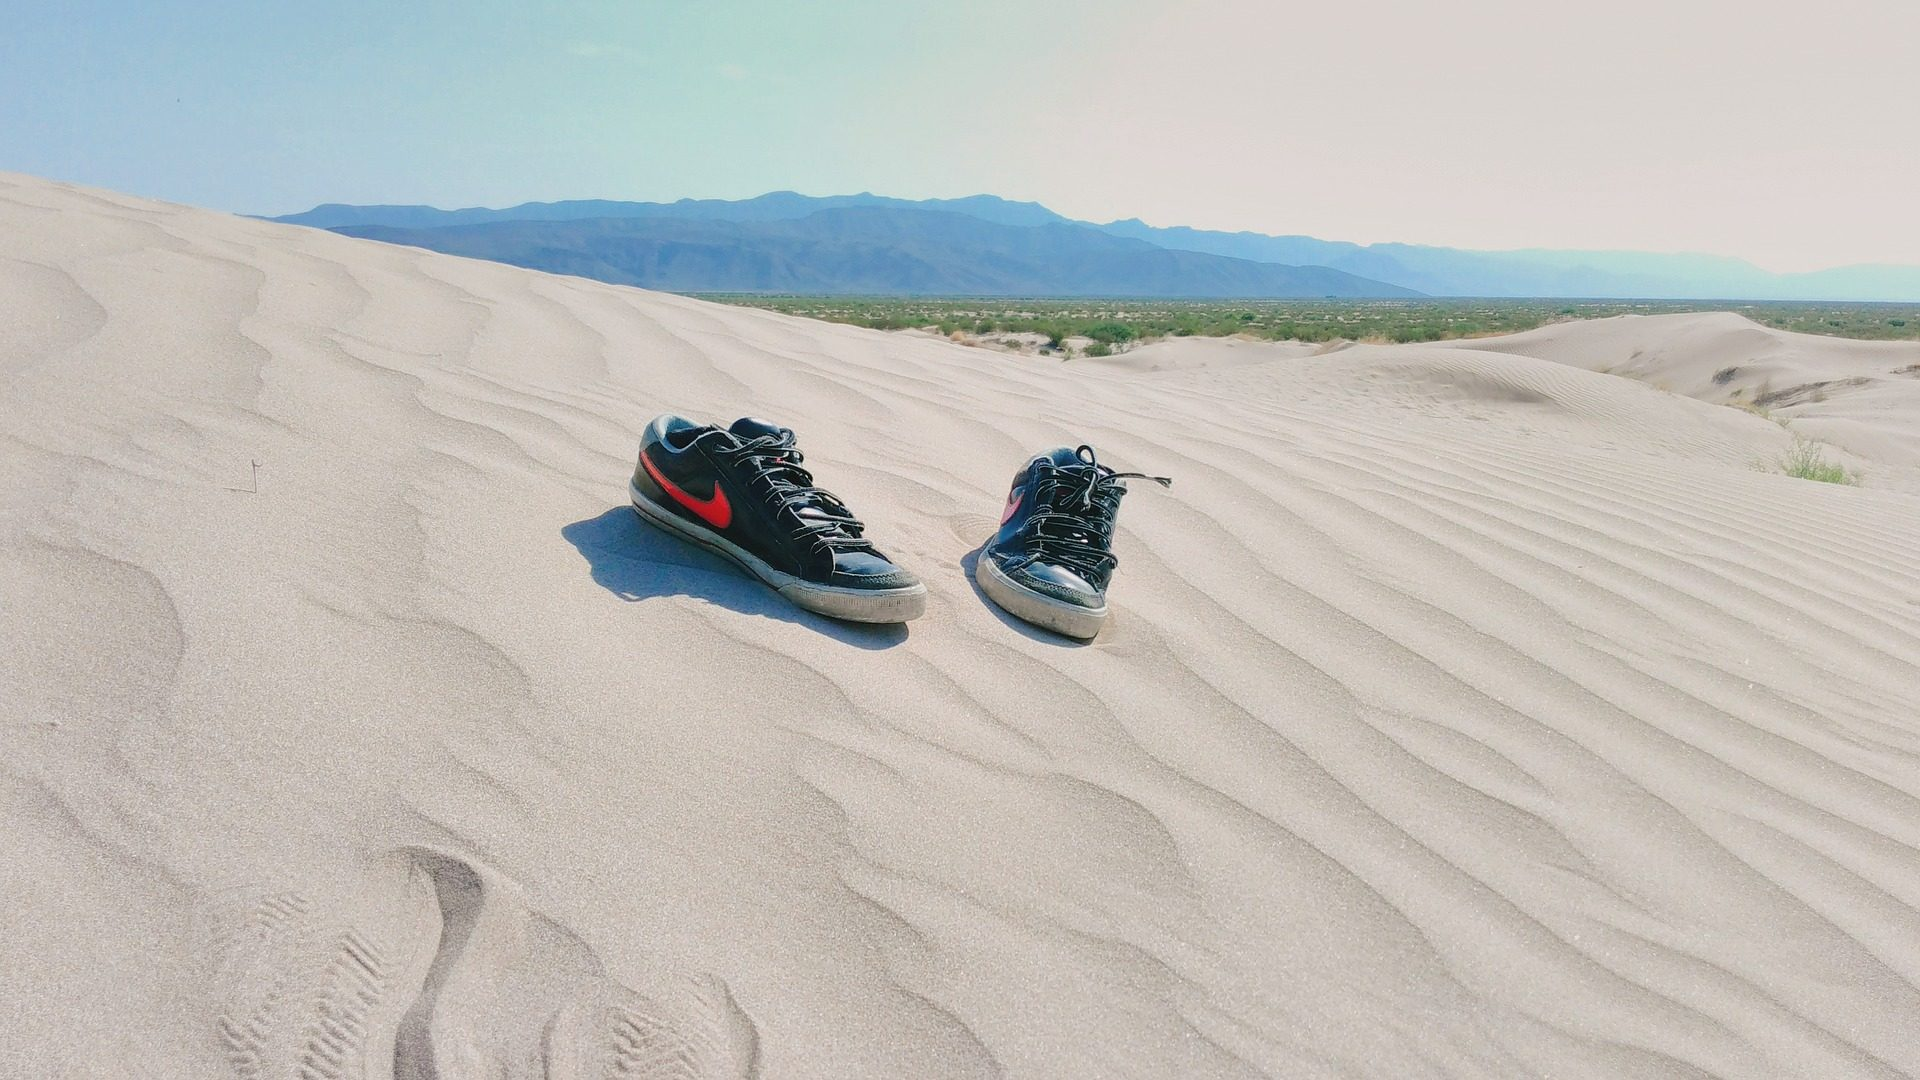 जूते, रेत, समुद्र तट, चप्पल, रेगिस्तान, टिब्बा - HD वॉलपेपर - प्रोफेसर-falken.com